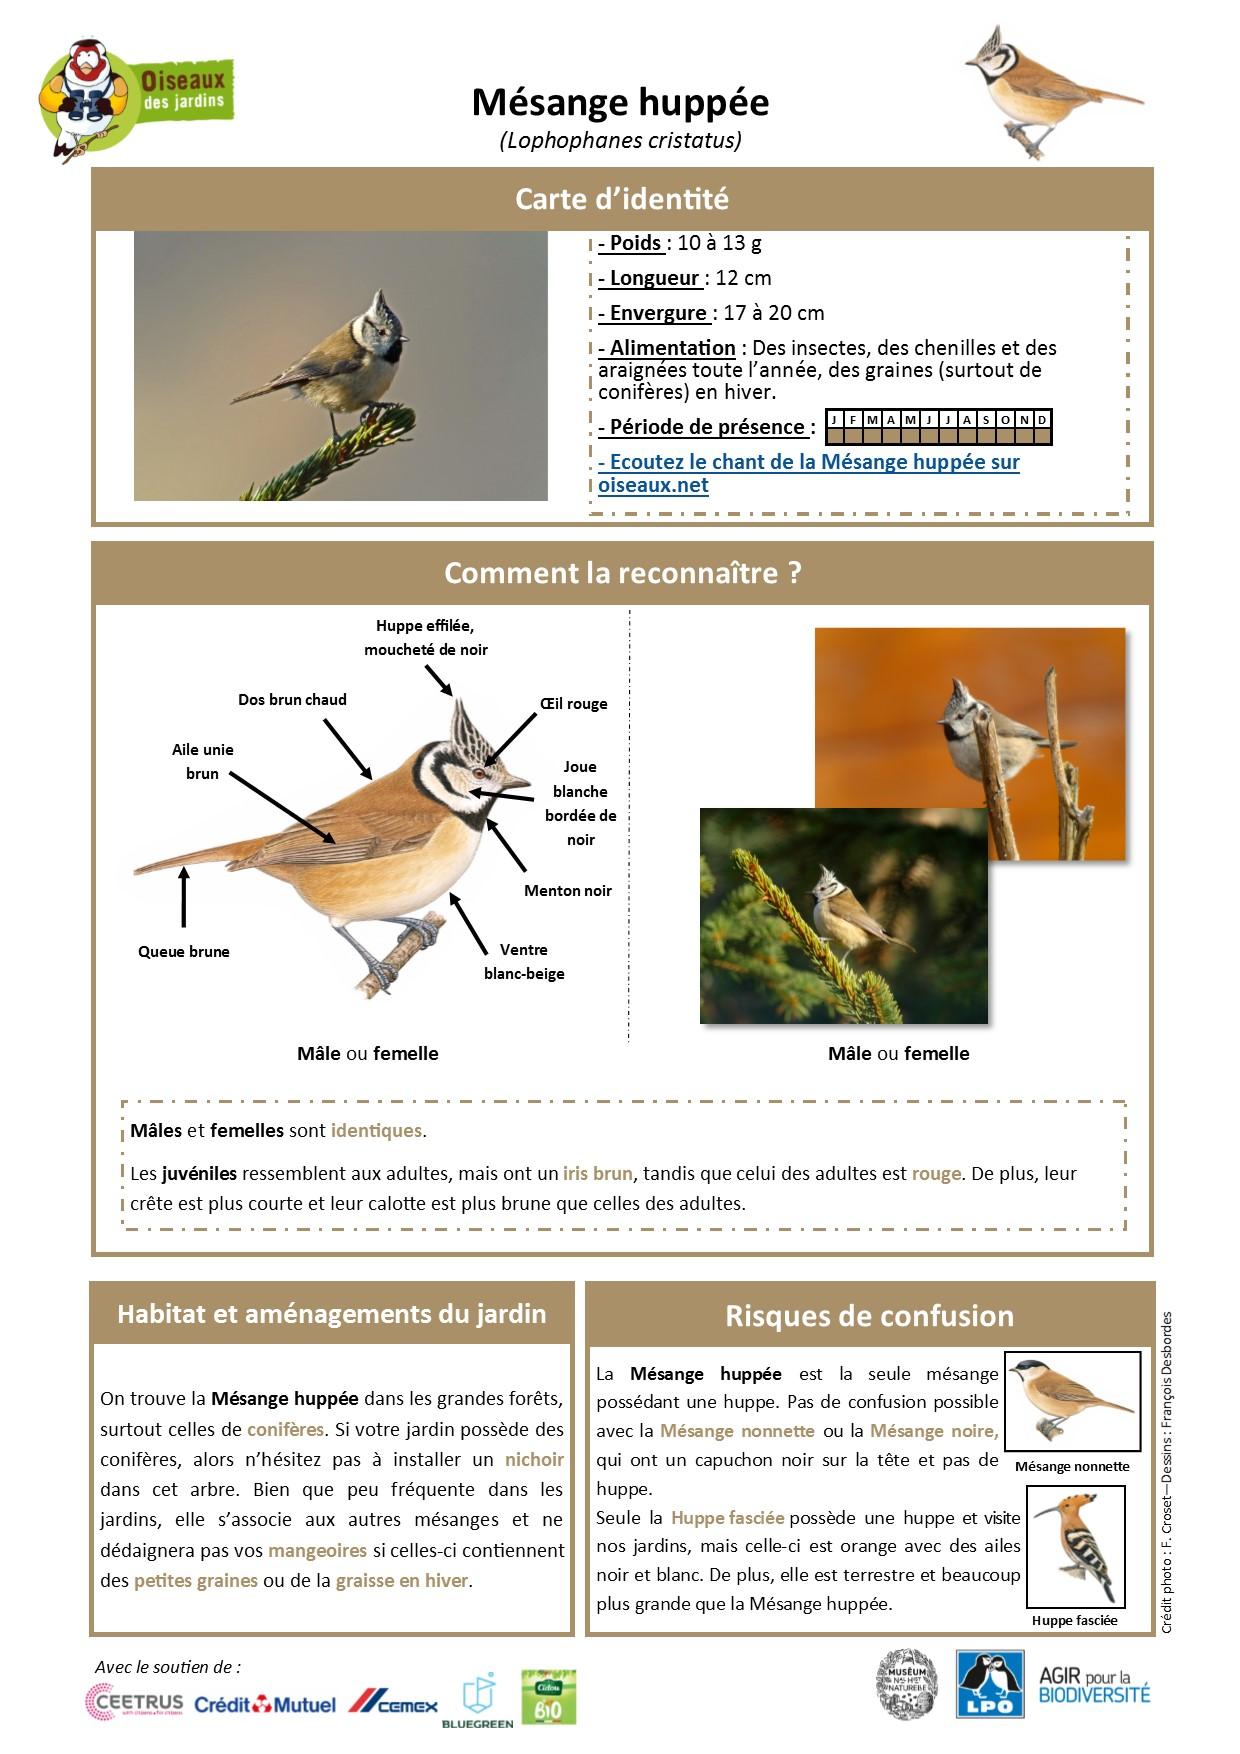 https://cdnfiles2.biolovision.net/www.oiseauxdesjardins.fr/userfiles/Fichesespces/FicheespceMHv2.pdf